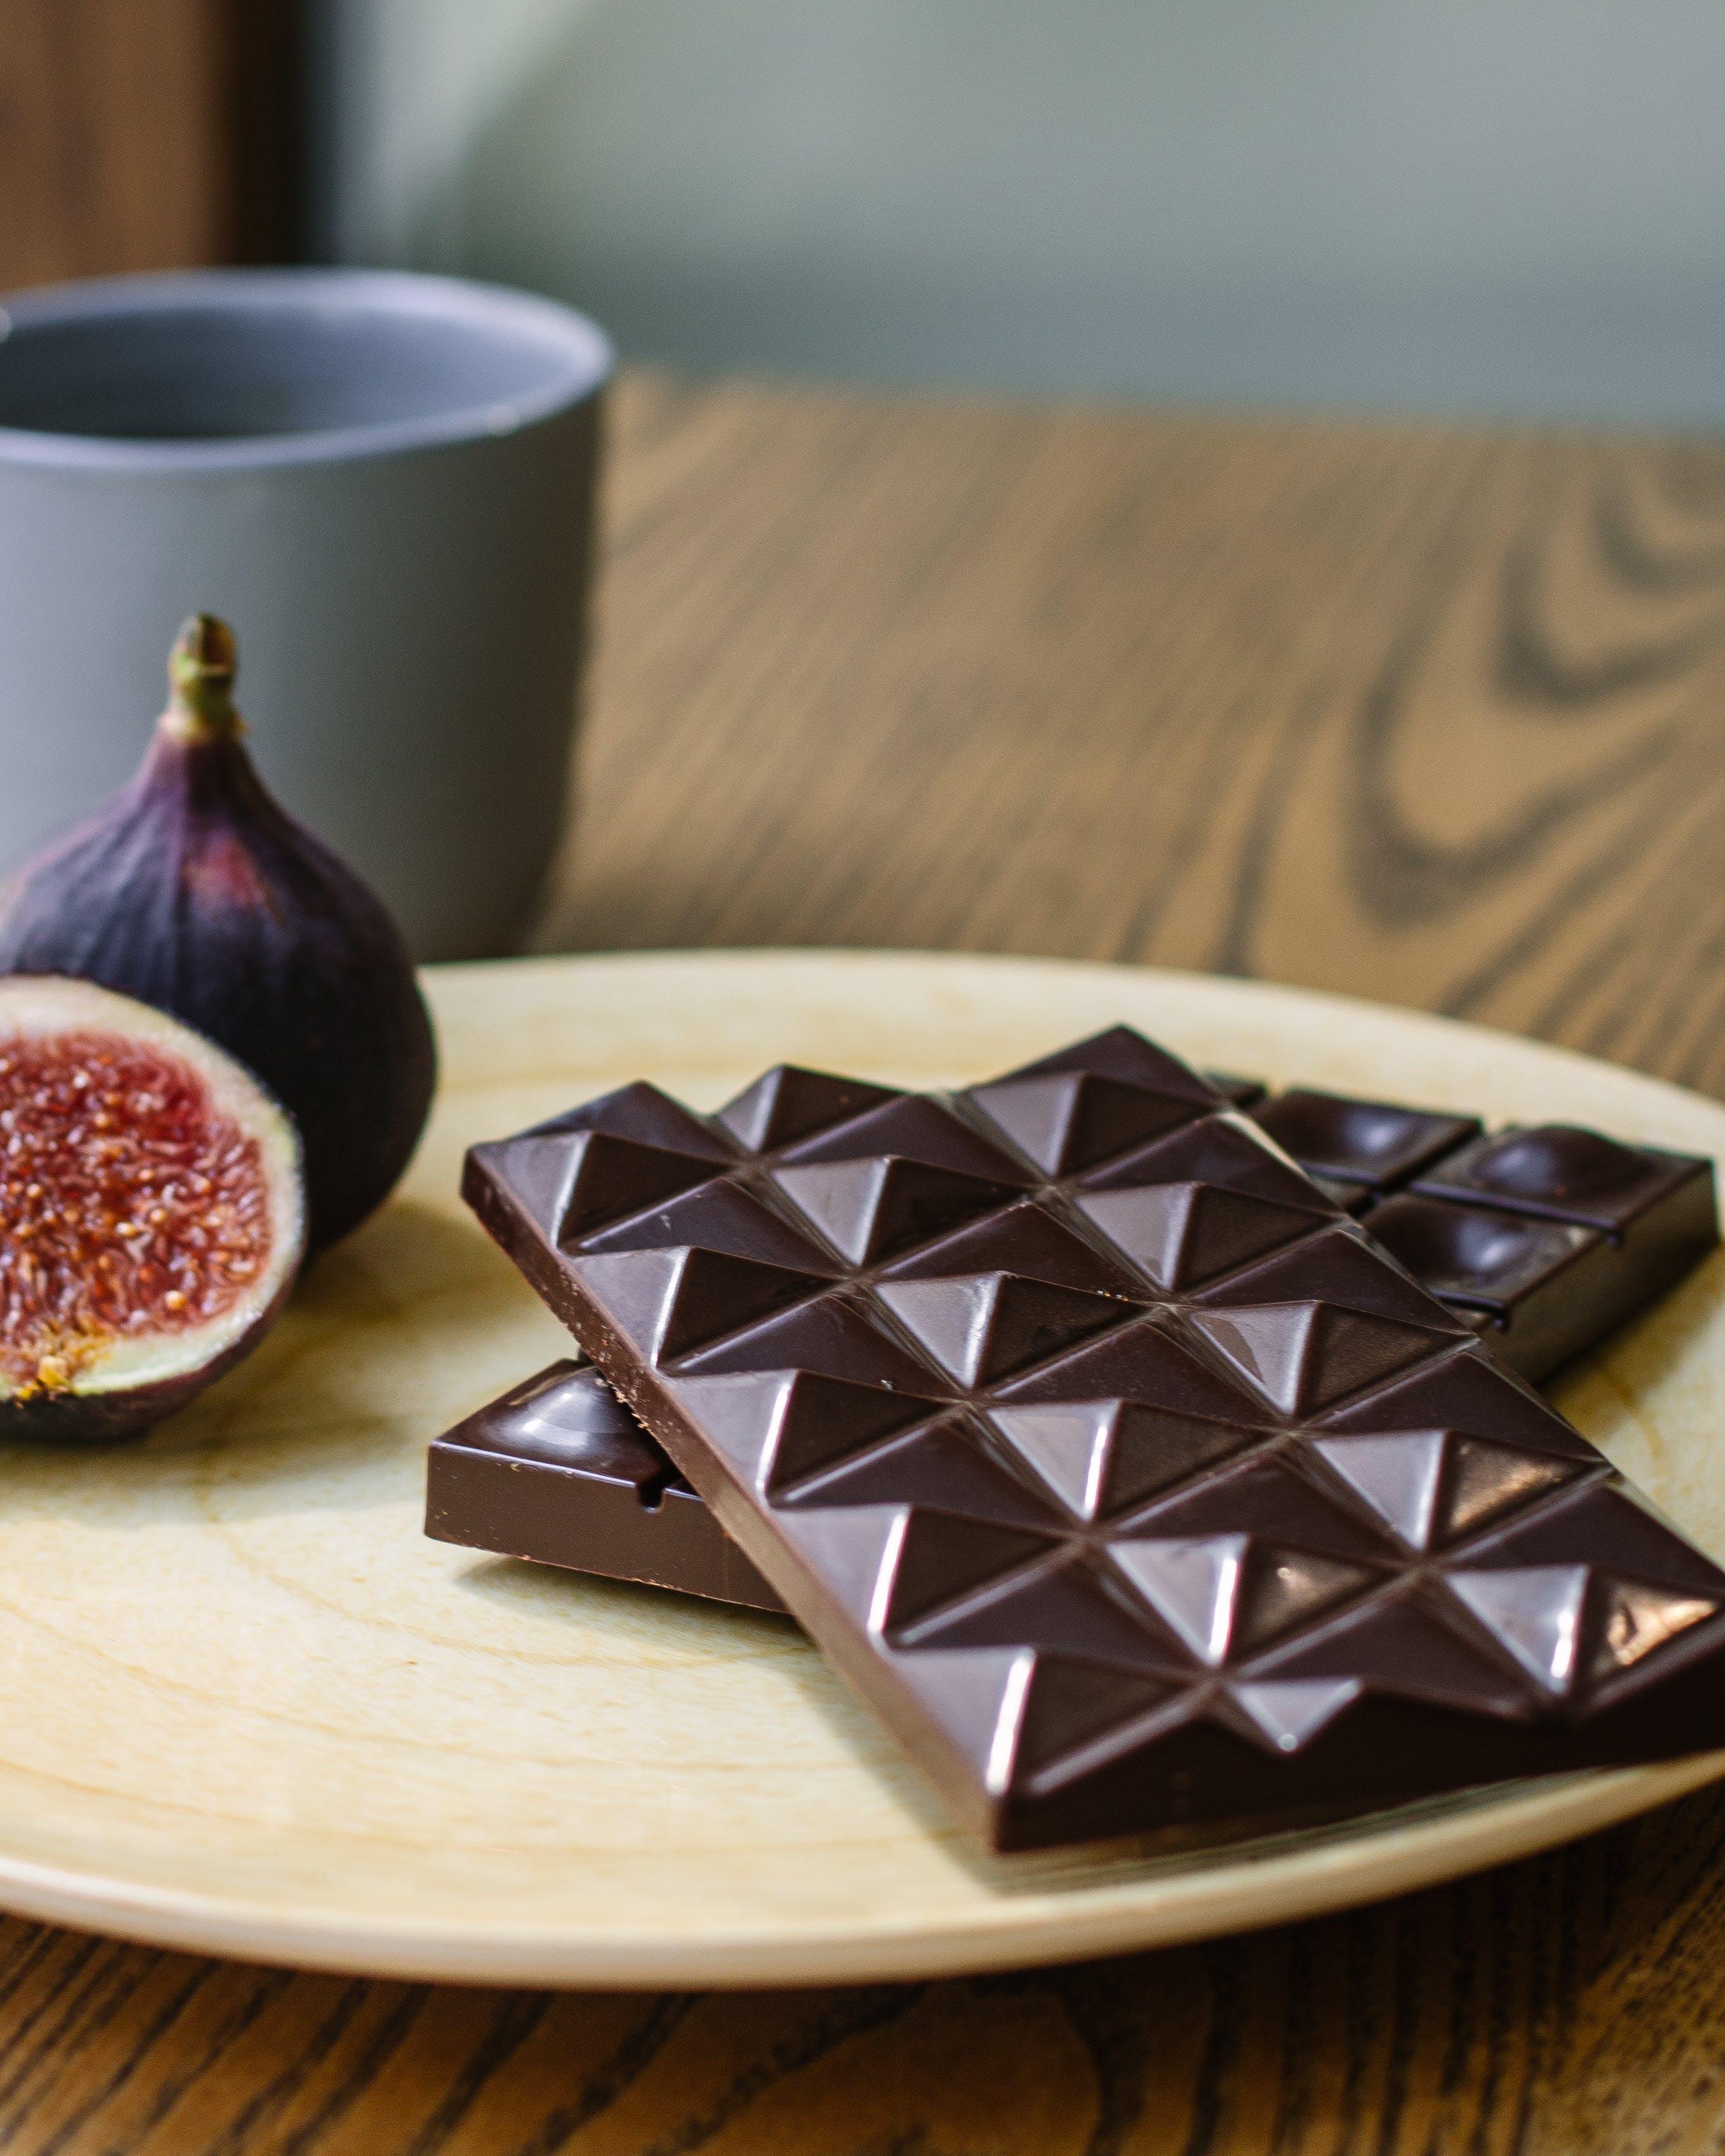 bağımlılık, büyümek, çekici, çikolata içeren Ücretsiz stok fotoğraf